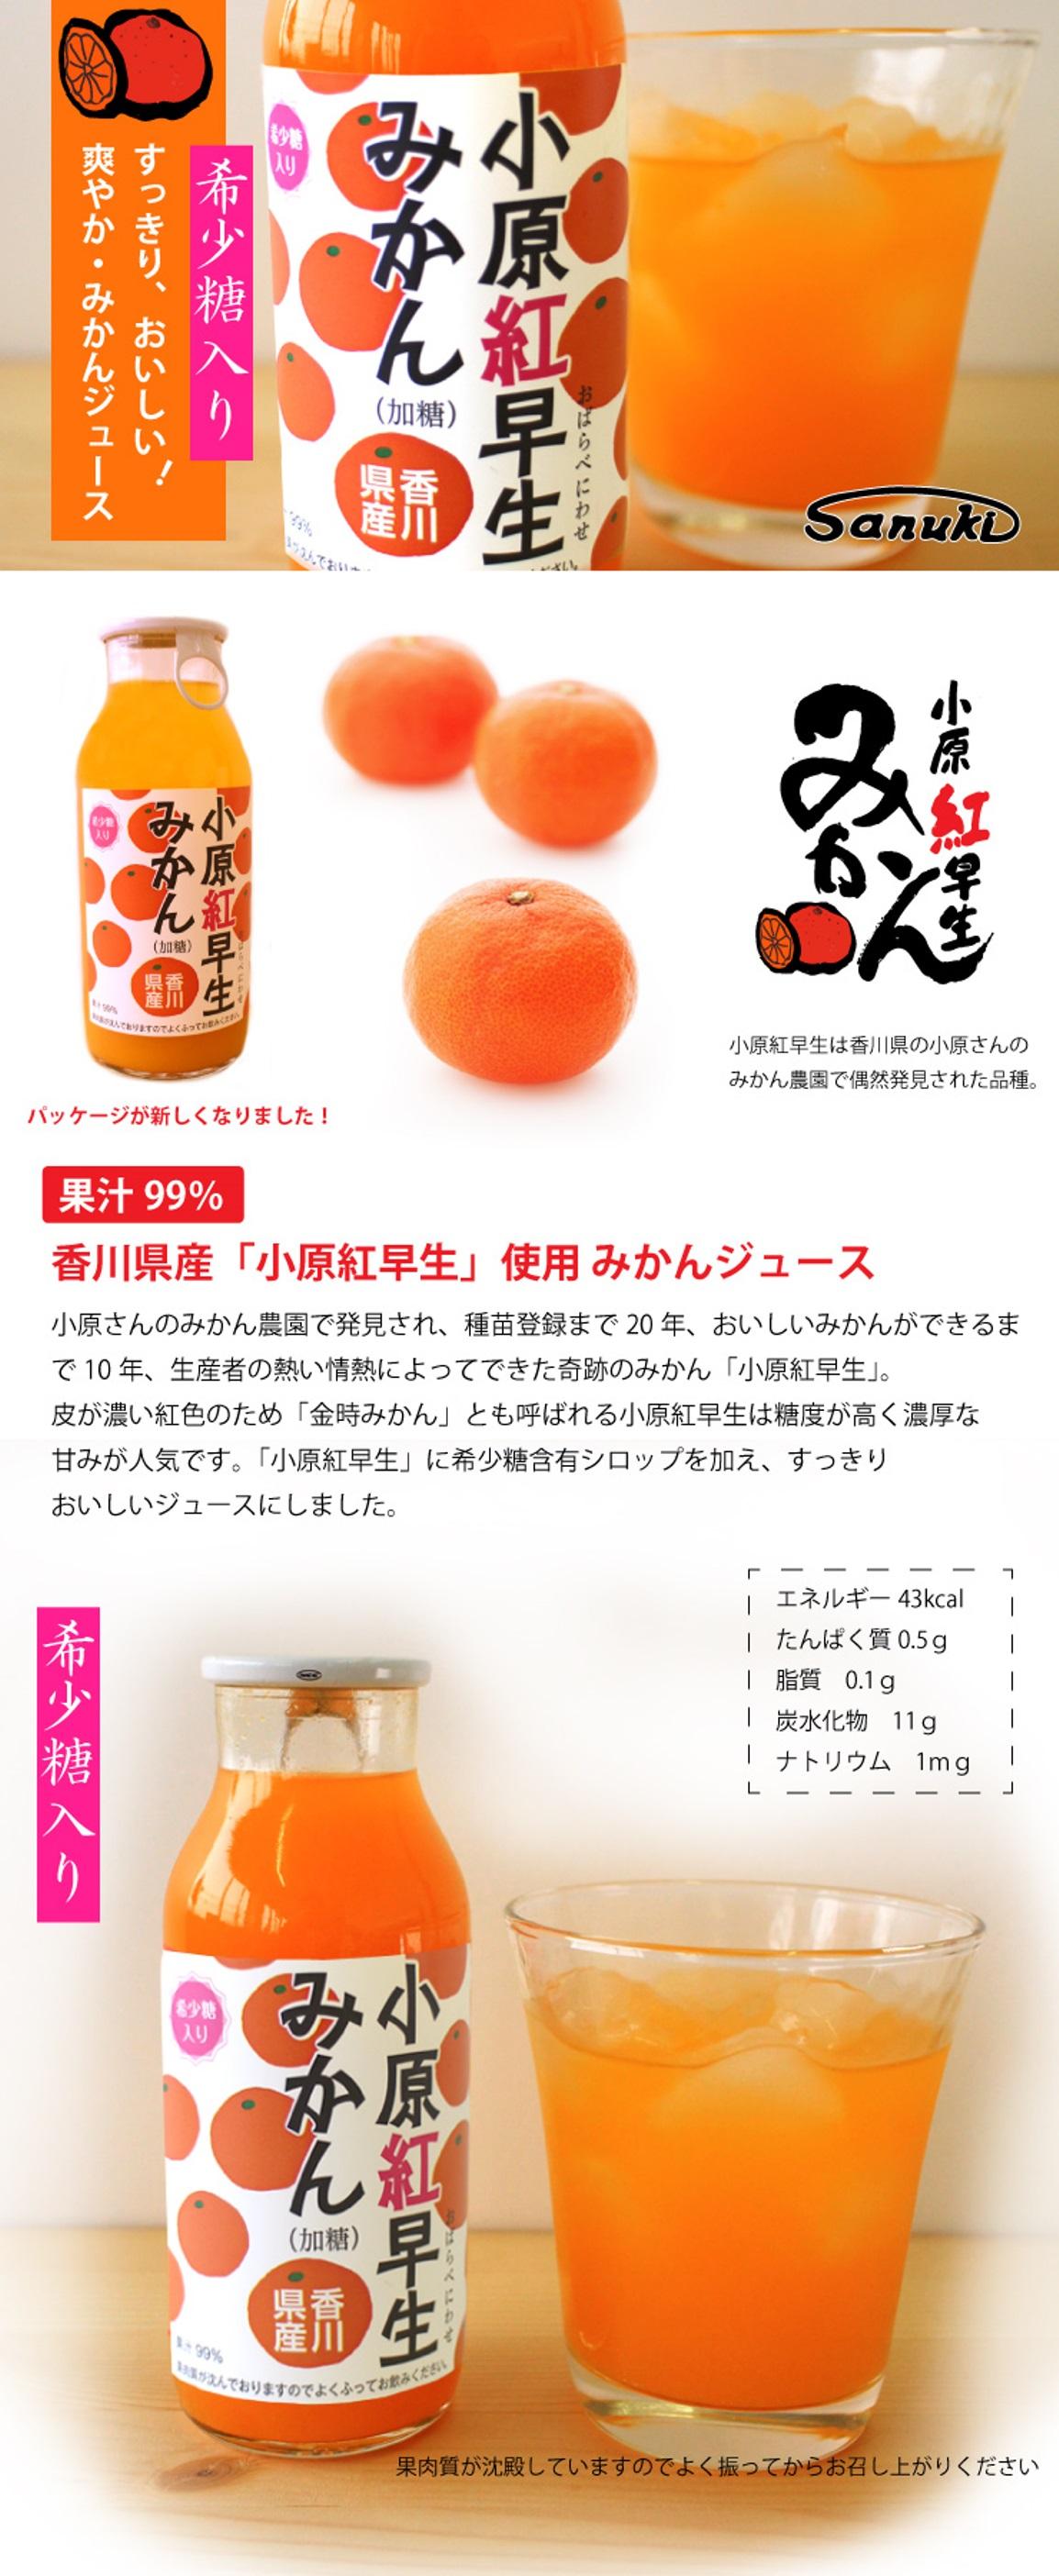 果汁99%!希少糖入り、スッキリ美味しい爽やかみかんジュース♪香川県産小原紅早生使用しています。